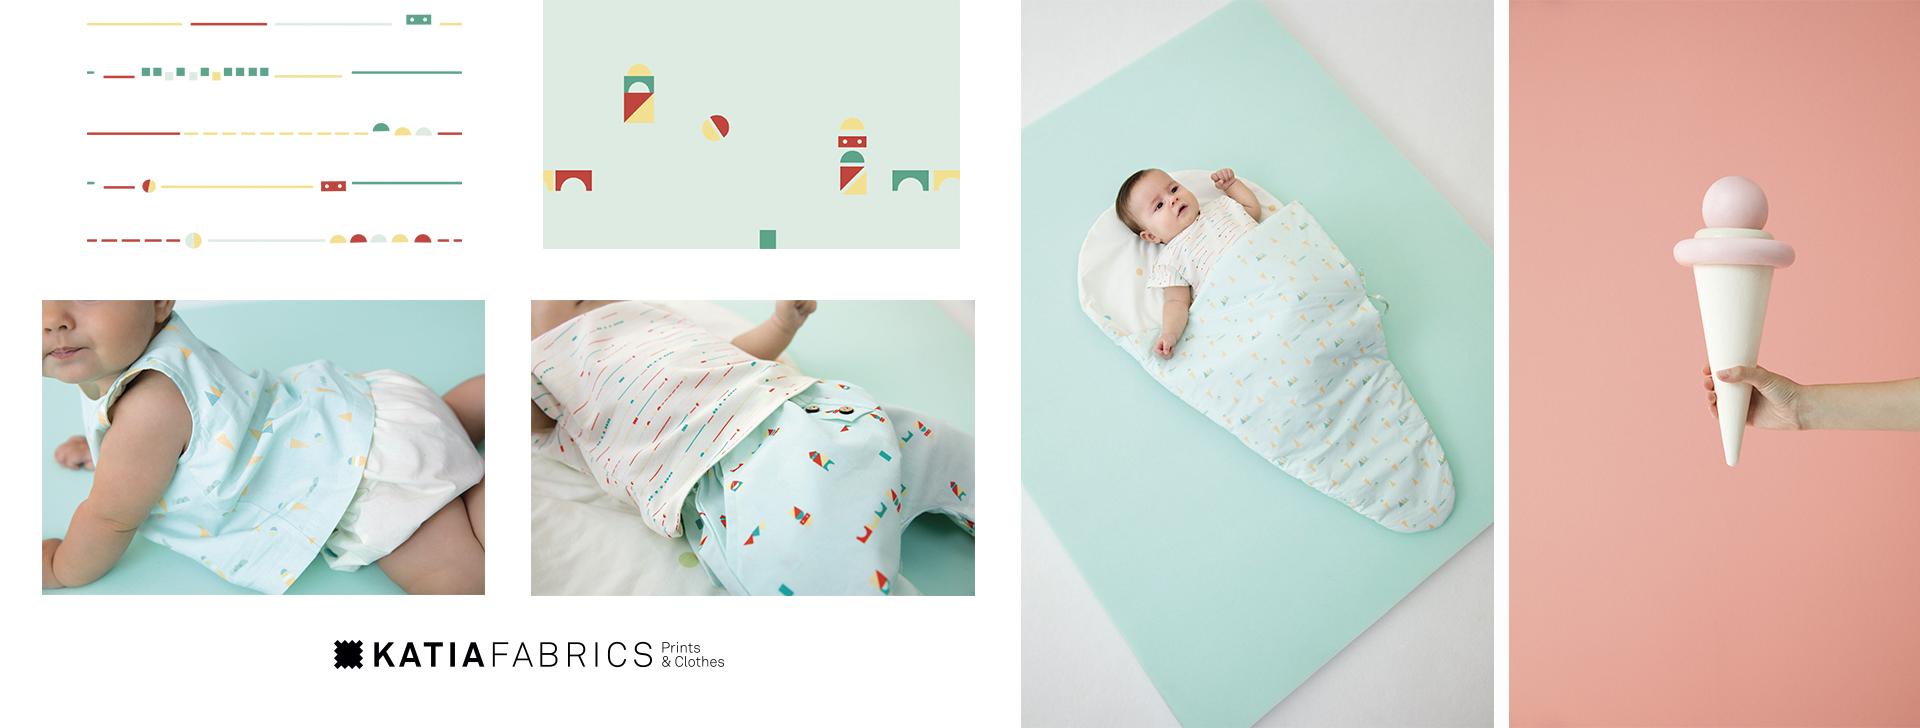 Katia Fabrics - nieuwe stoffencollectie lente/zomer 2019